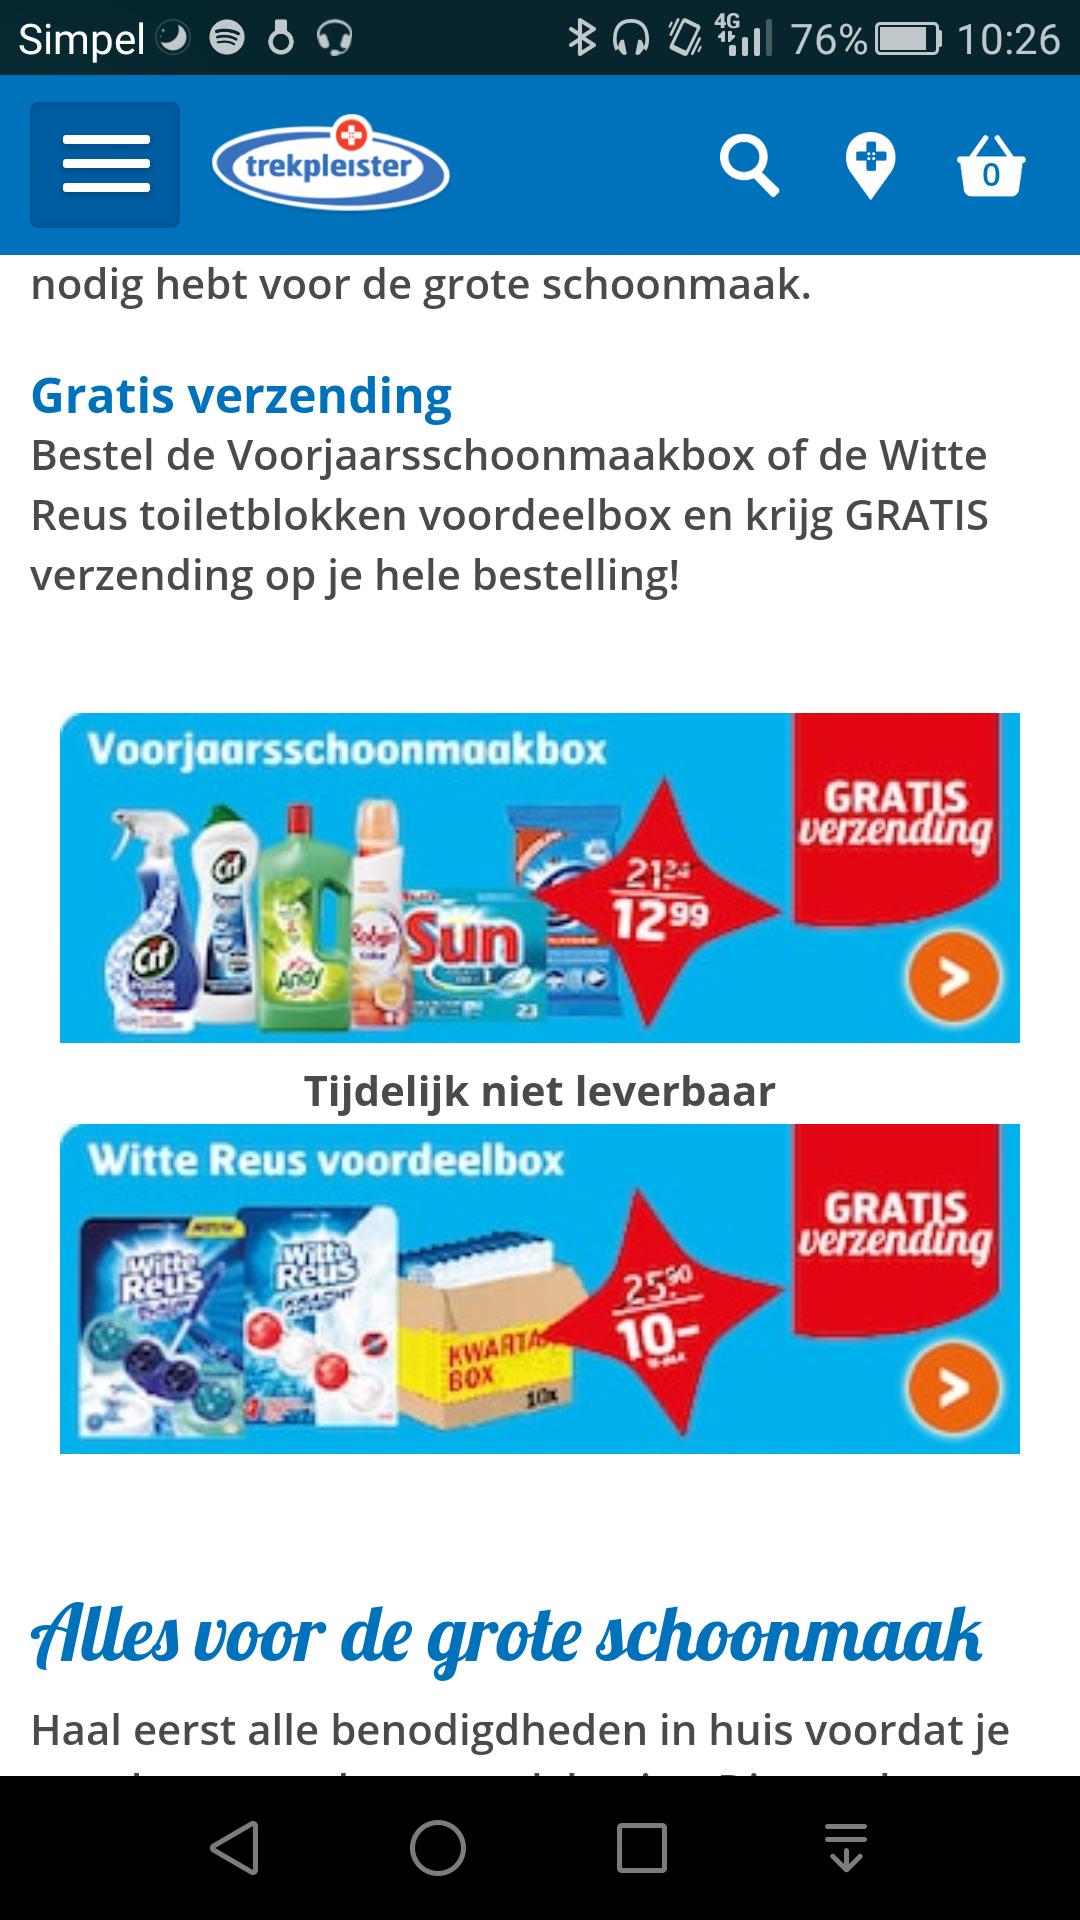 Schoonmaakbox voor 12,99+ gratis verzending @trekpleister